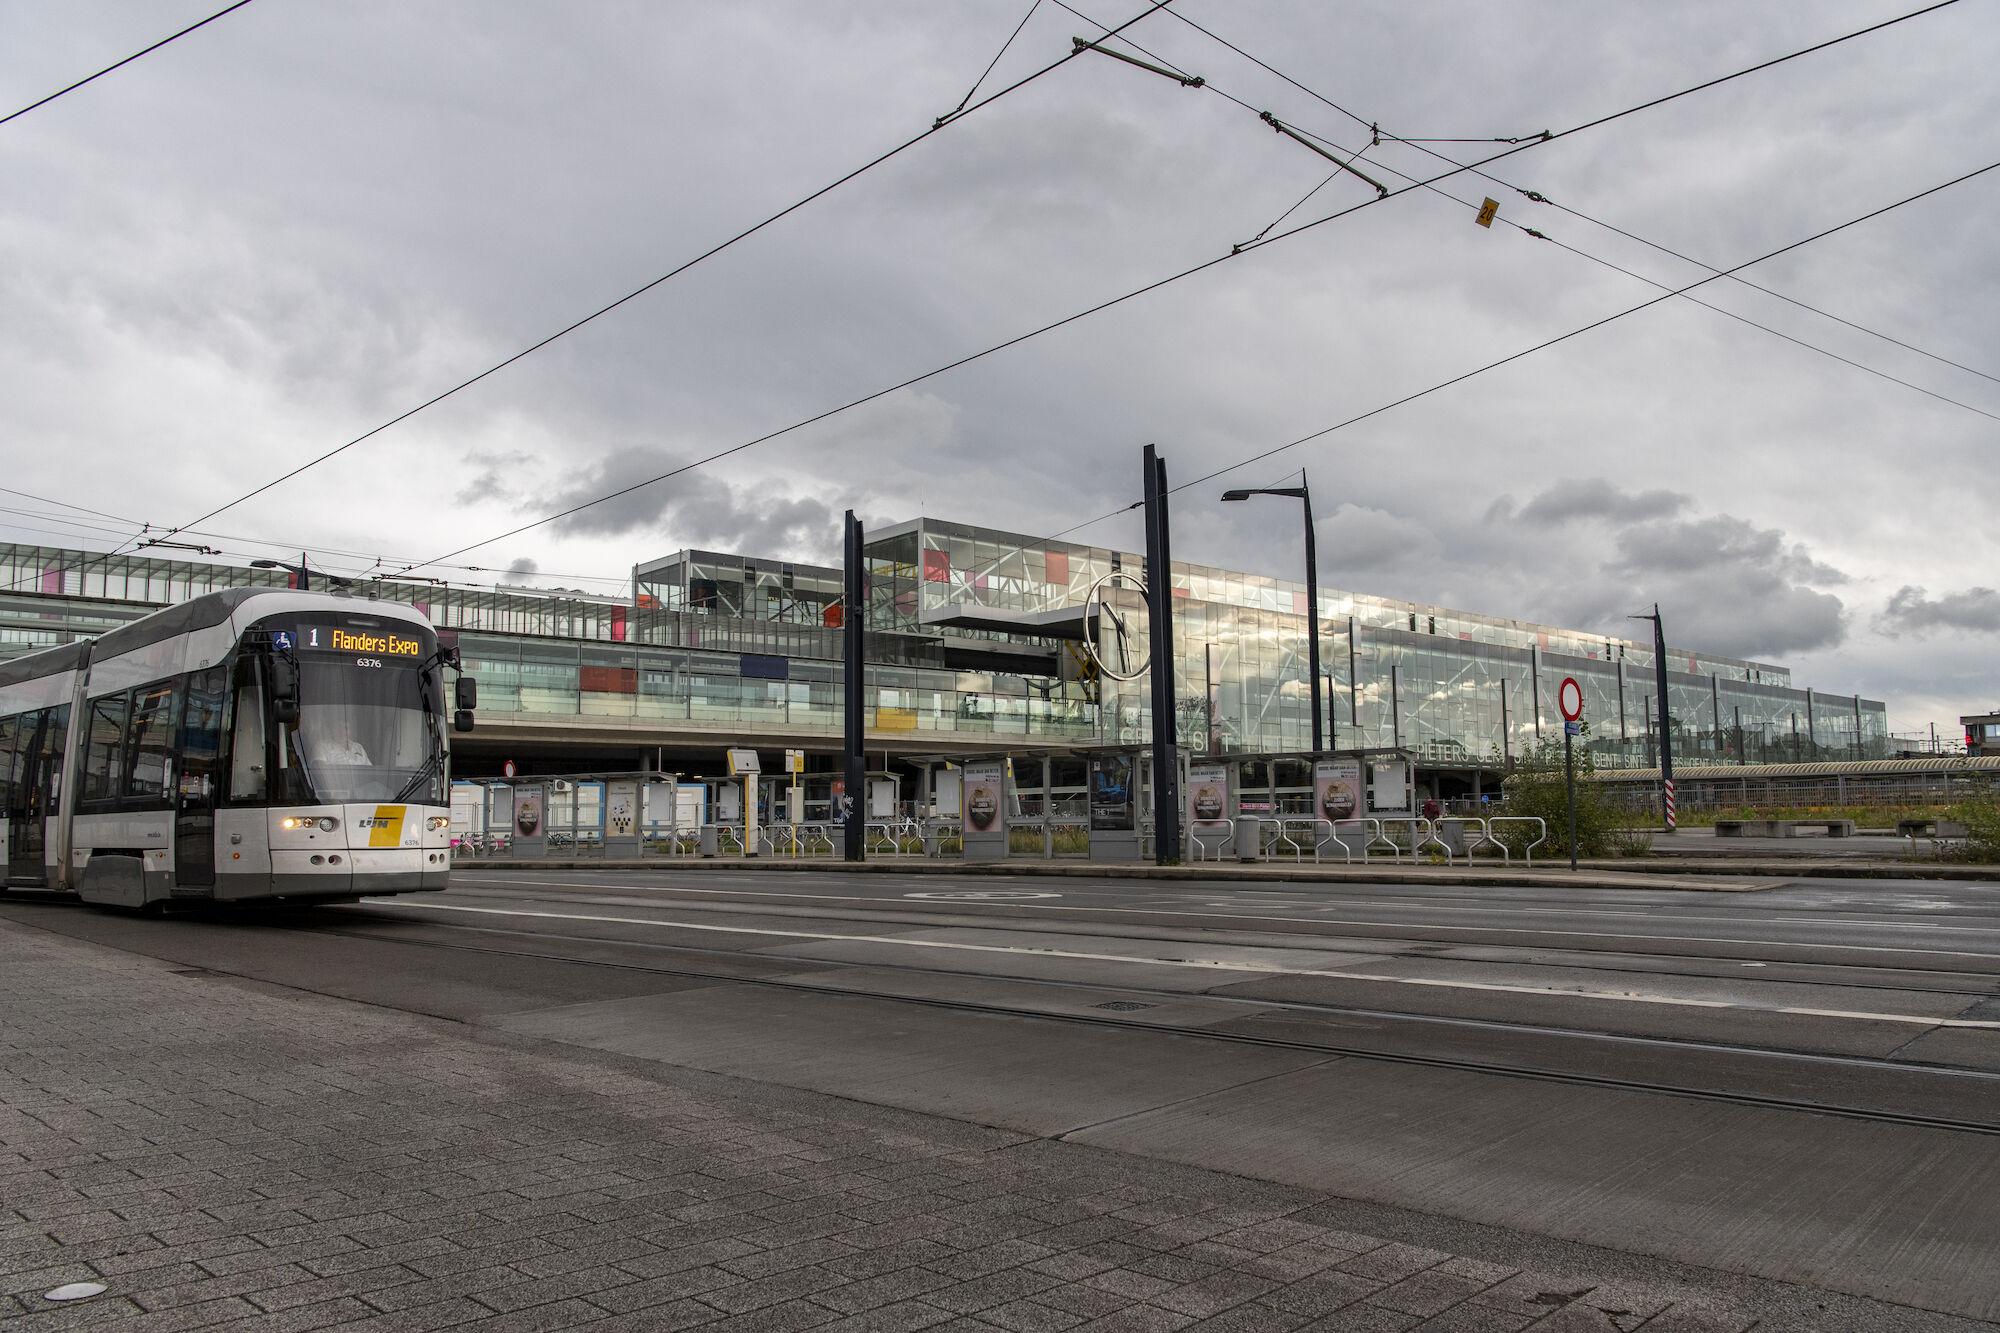 Tram 1 Flanders Expo.jpg